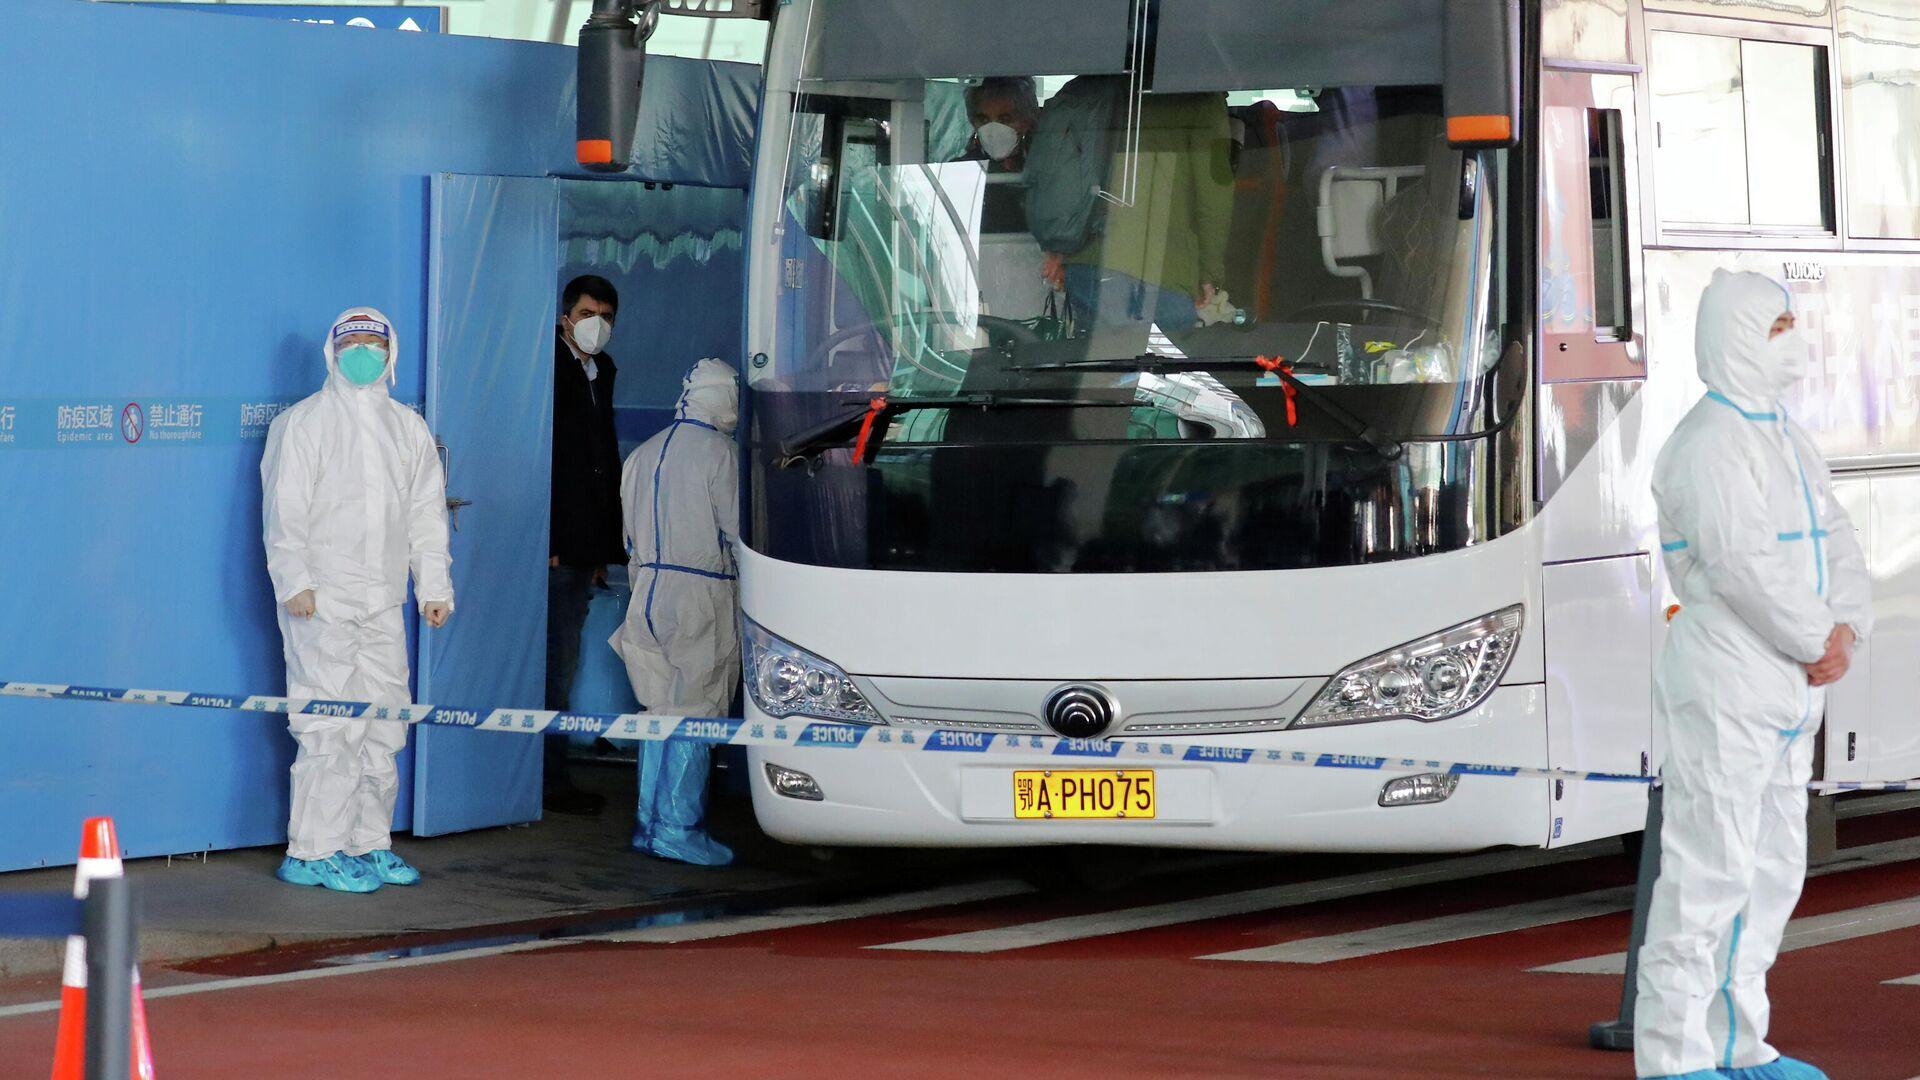 Группа экспертов ВОЗ садятся в автобус перед отъездом из международного аэропорта Ухань - РИА Новости, 1920, 14.01.2021